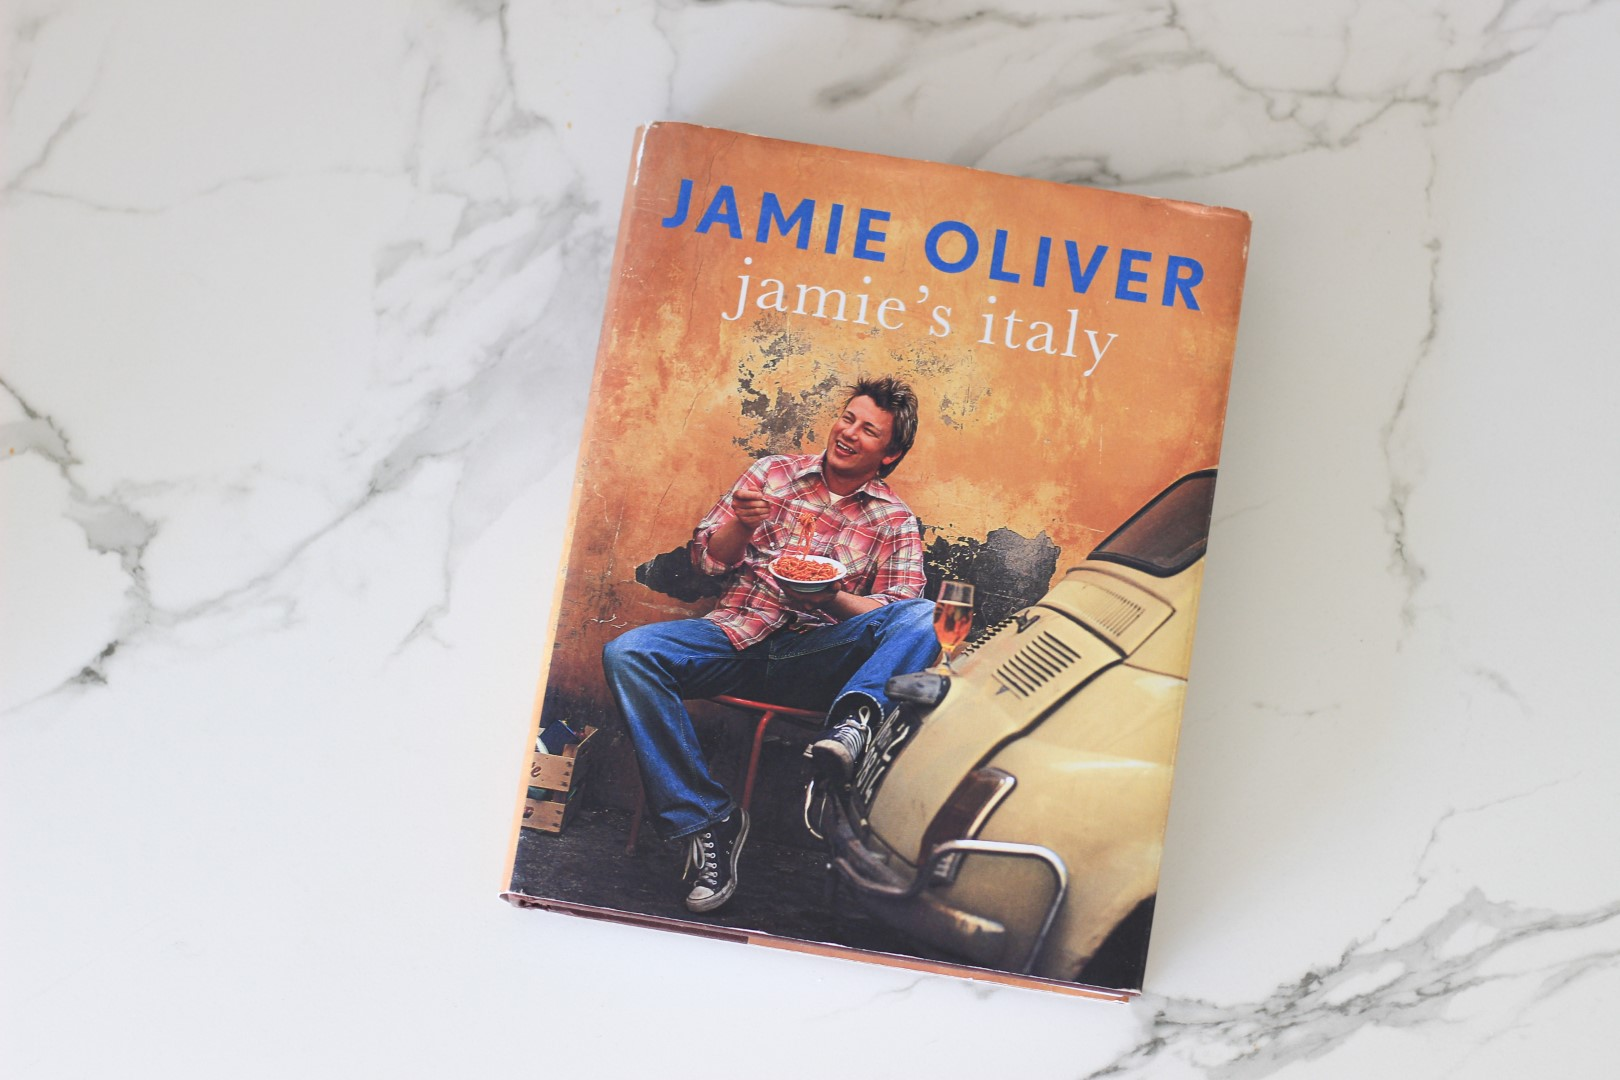 jamie oliver, libros de jamie oliver, jamie's italy, libros de cocina, recetas de cocina, recomendación libros de cocina.